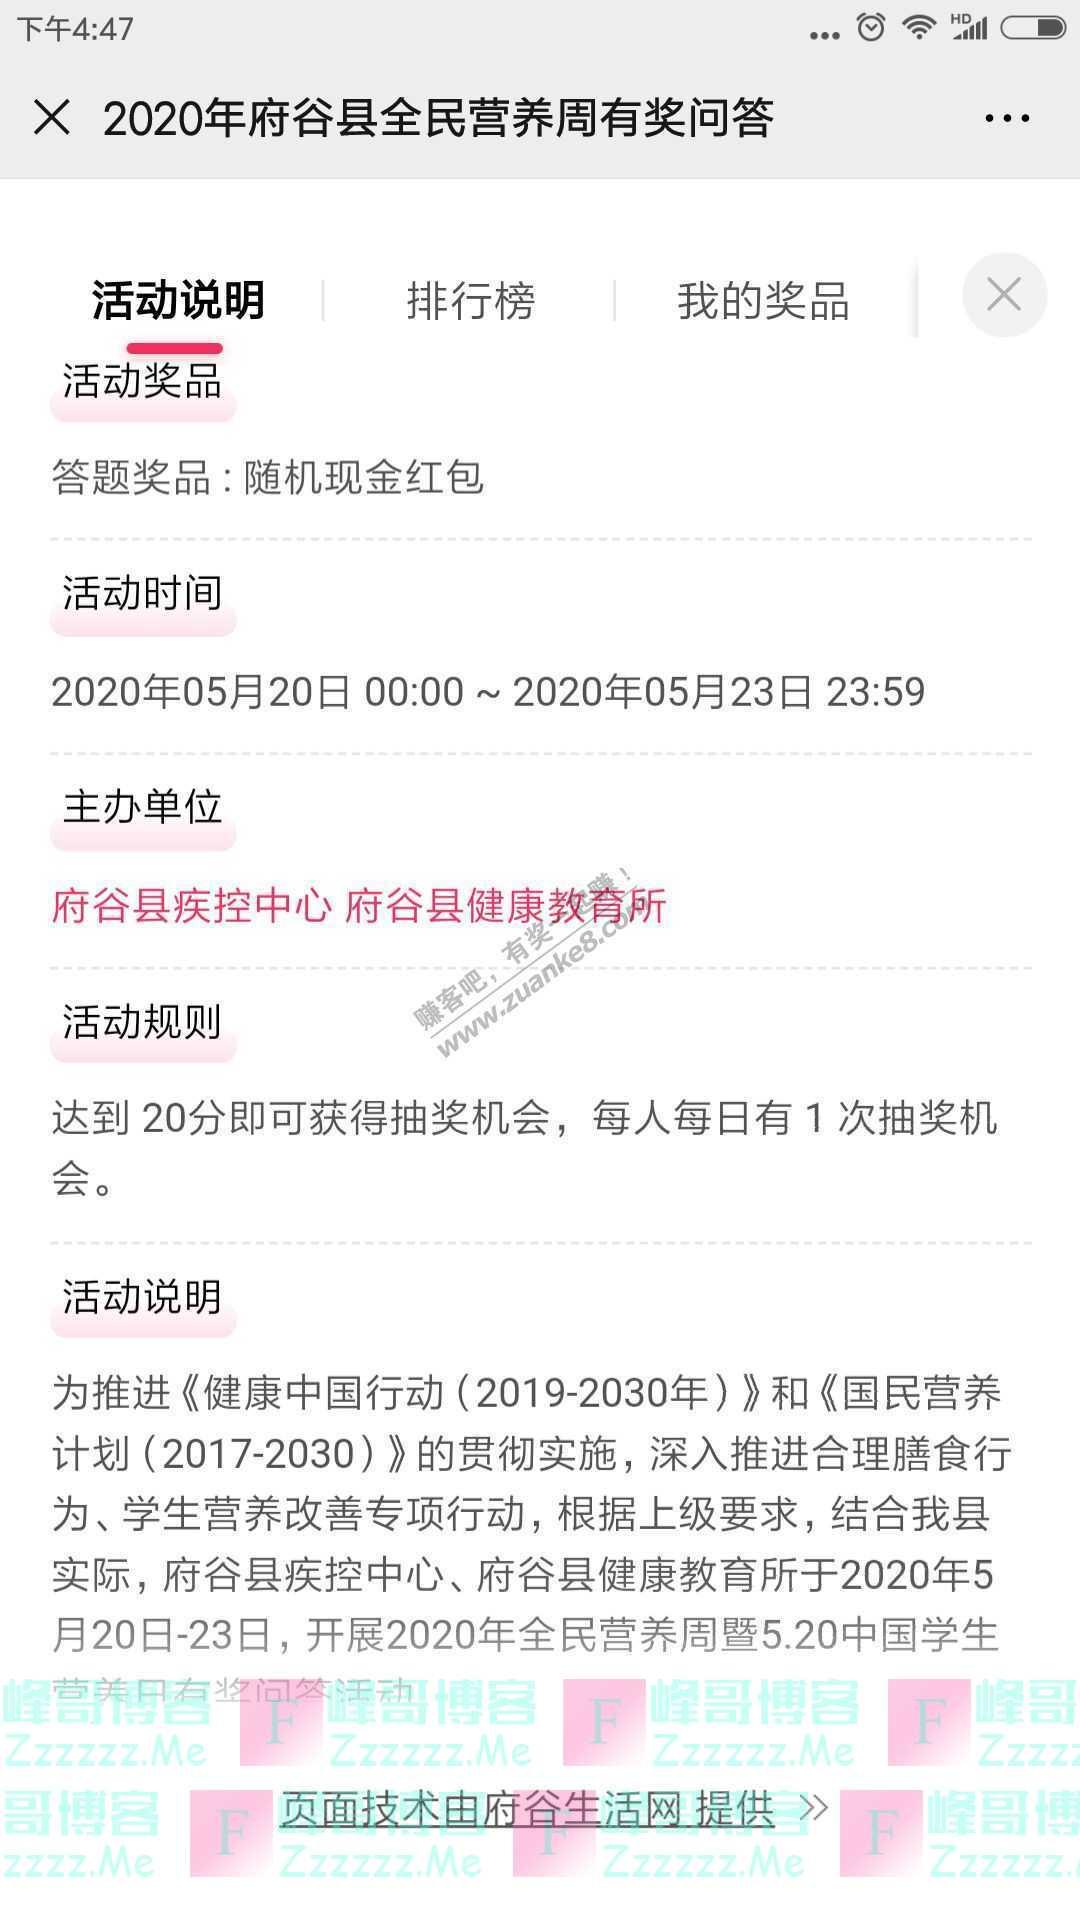 府谷生活网全民营养周暨中国学生营养日有奖问答(截止5月23日)